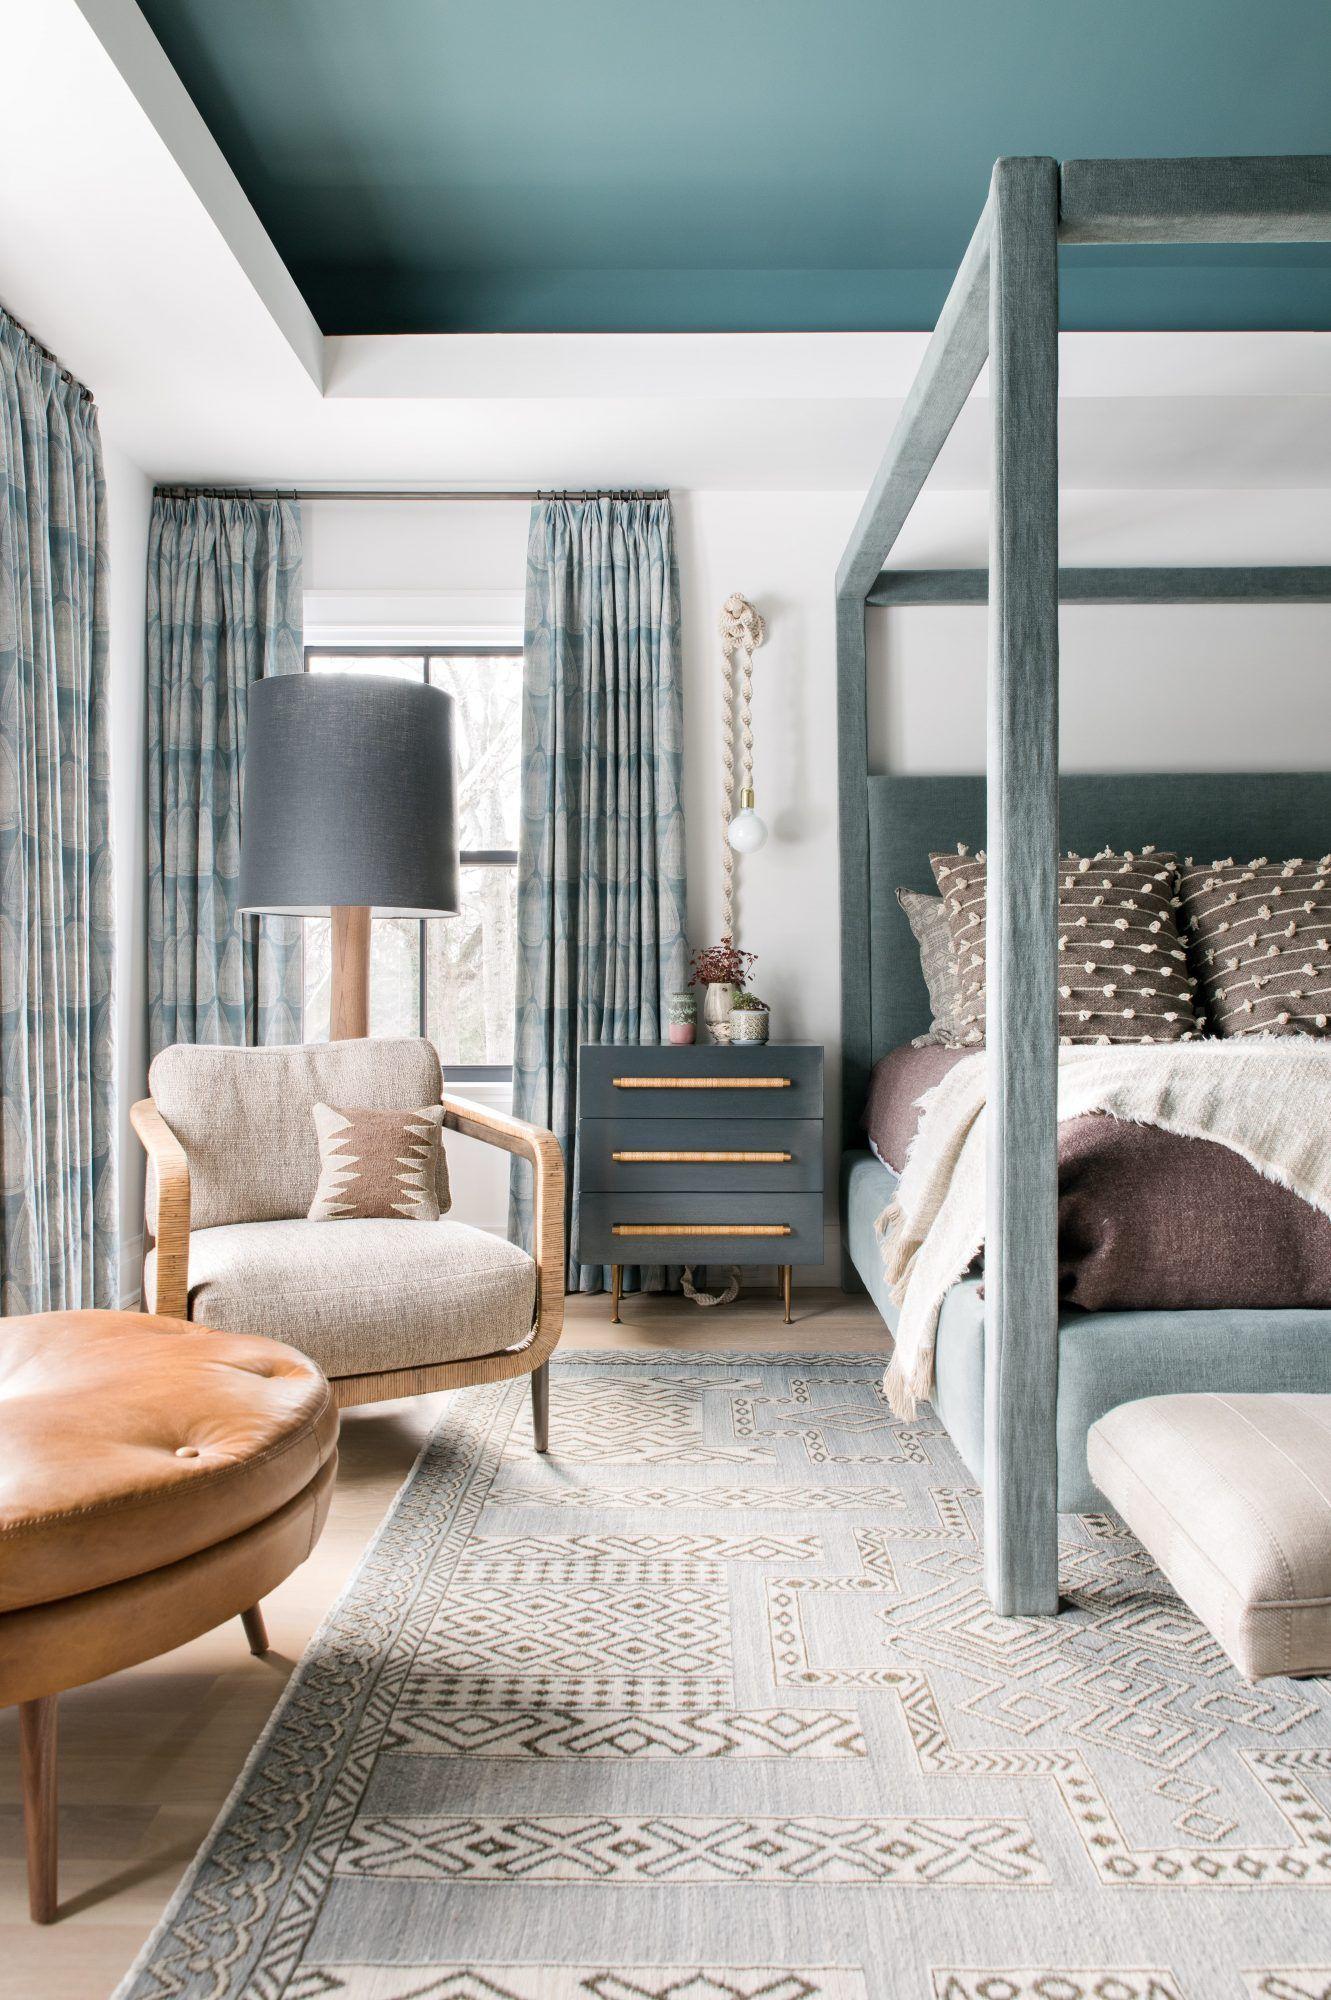 Charmant Coole Dinge In Ihrem Zimmer Zu Setzen Galerie - Images for ...